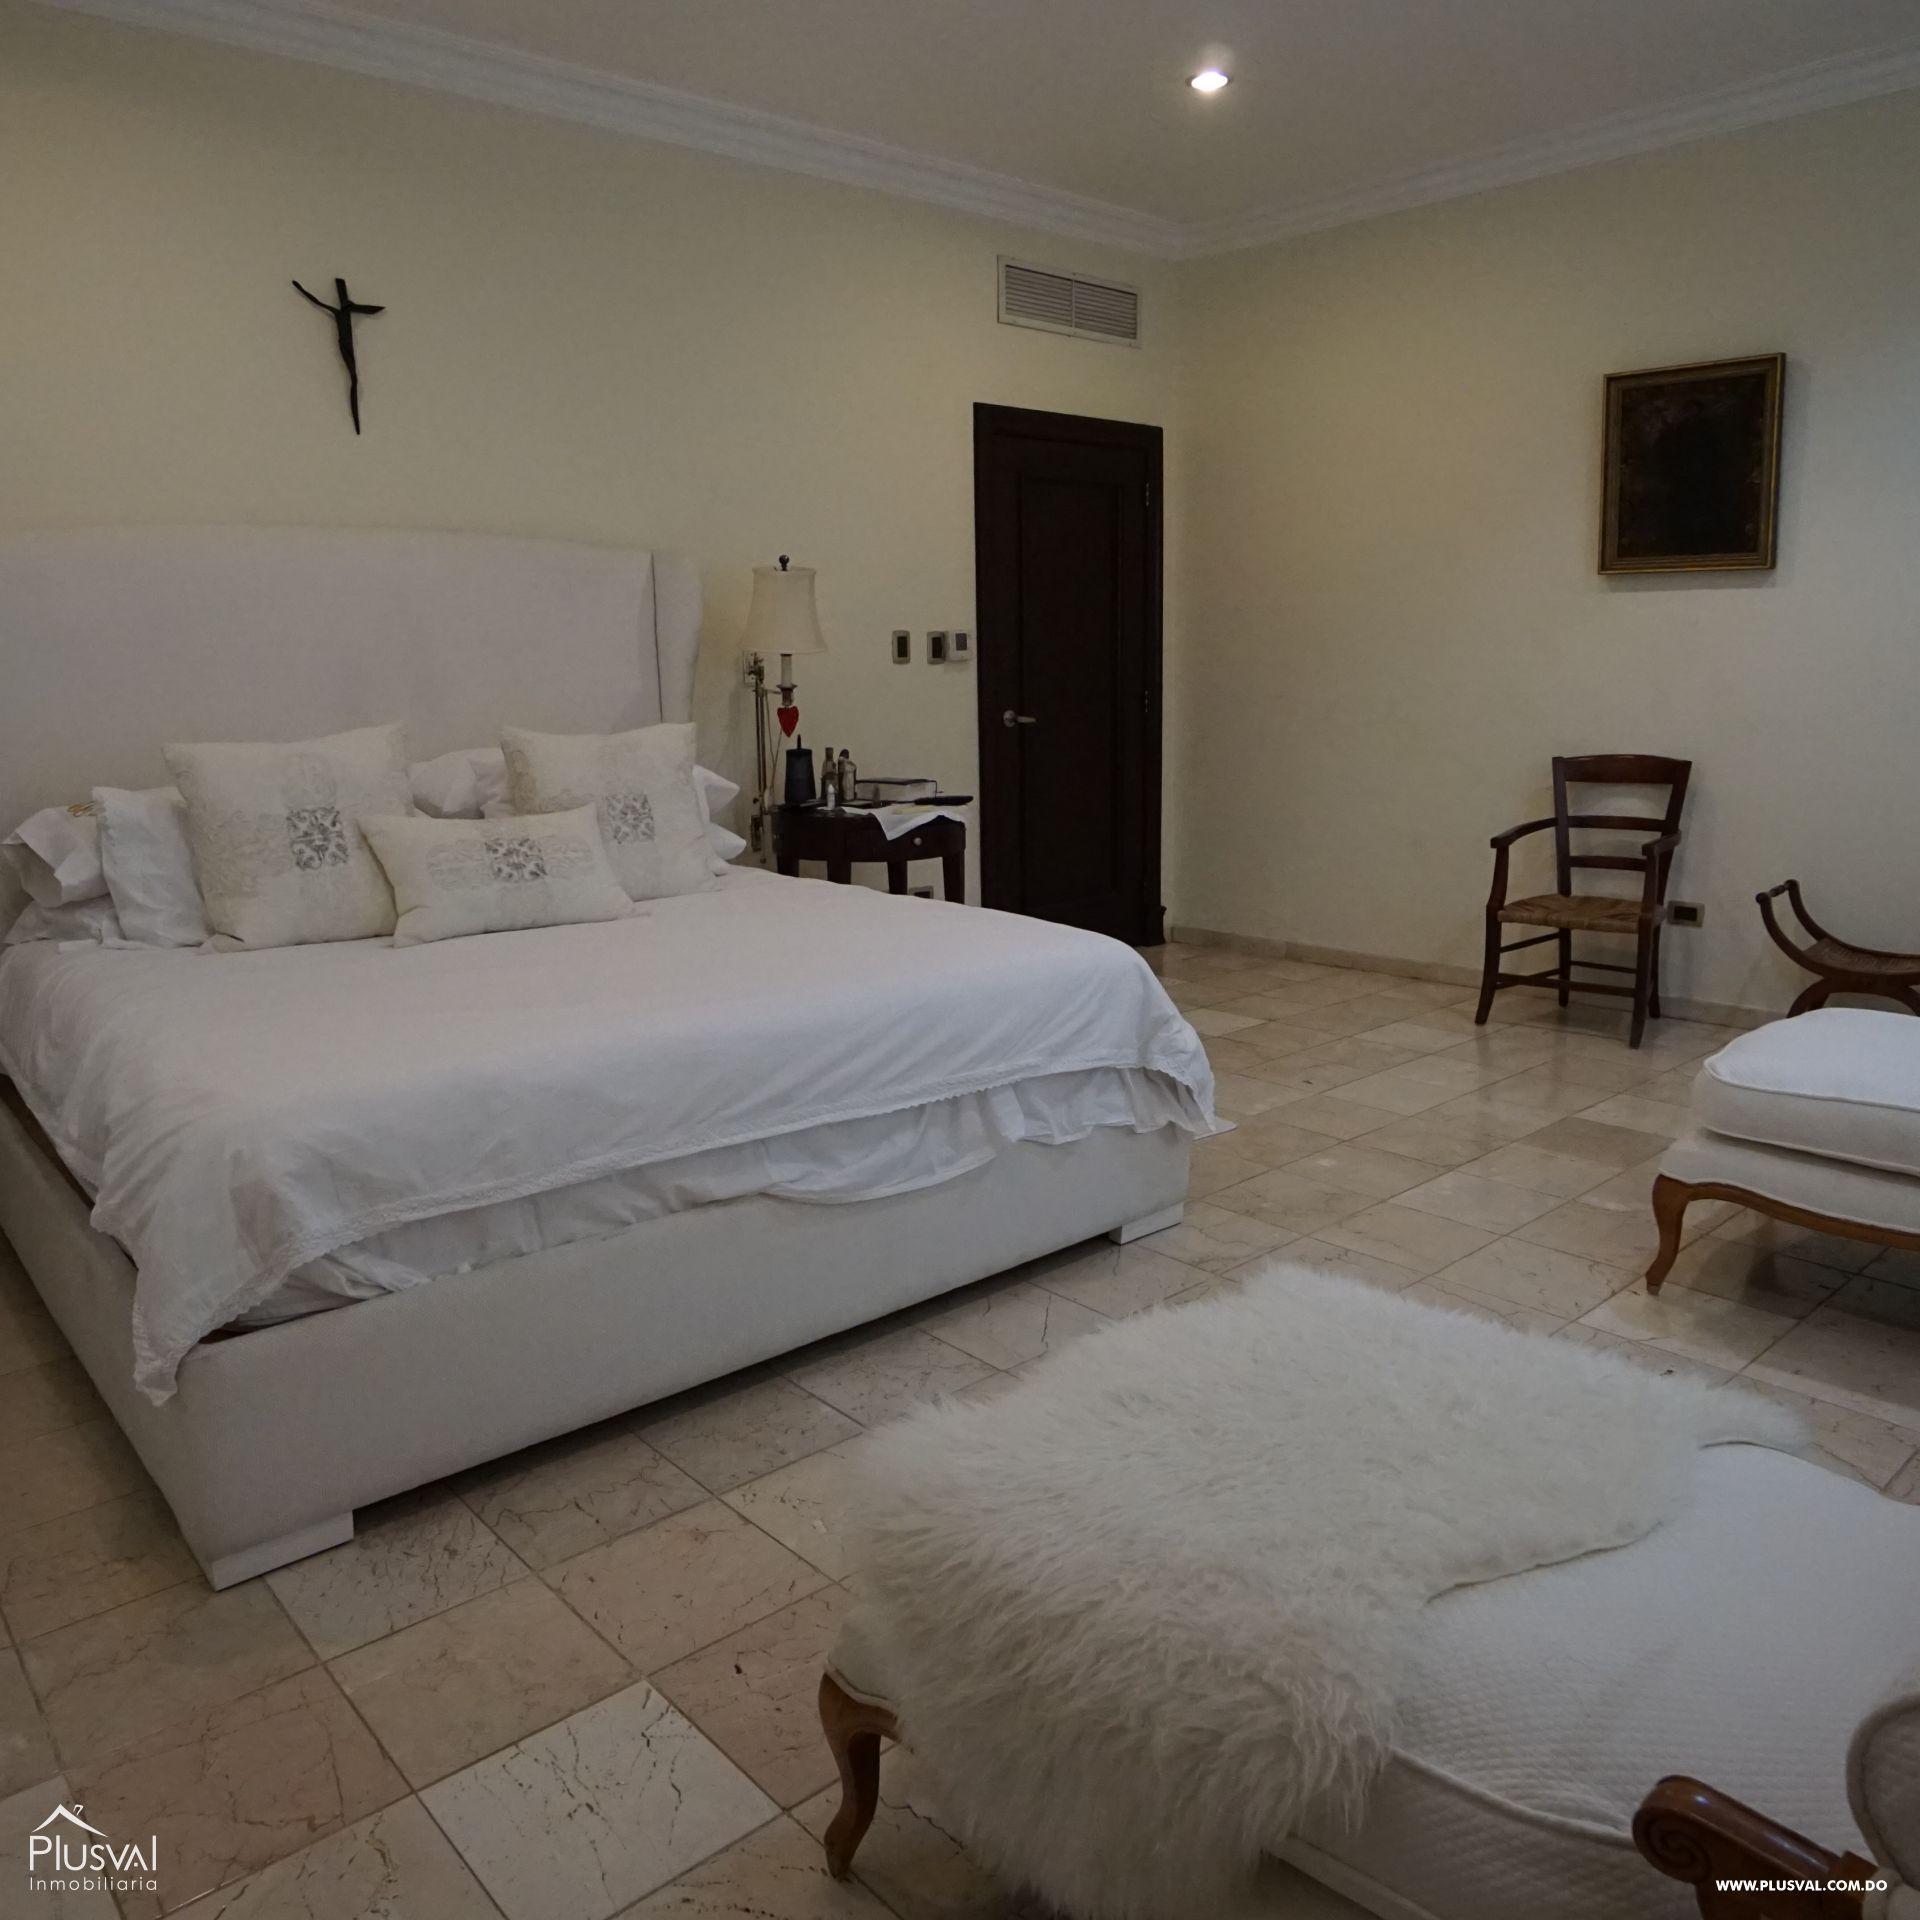 Casa de lujo en venta Arroyo Hondo Viejo 165353